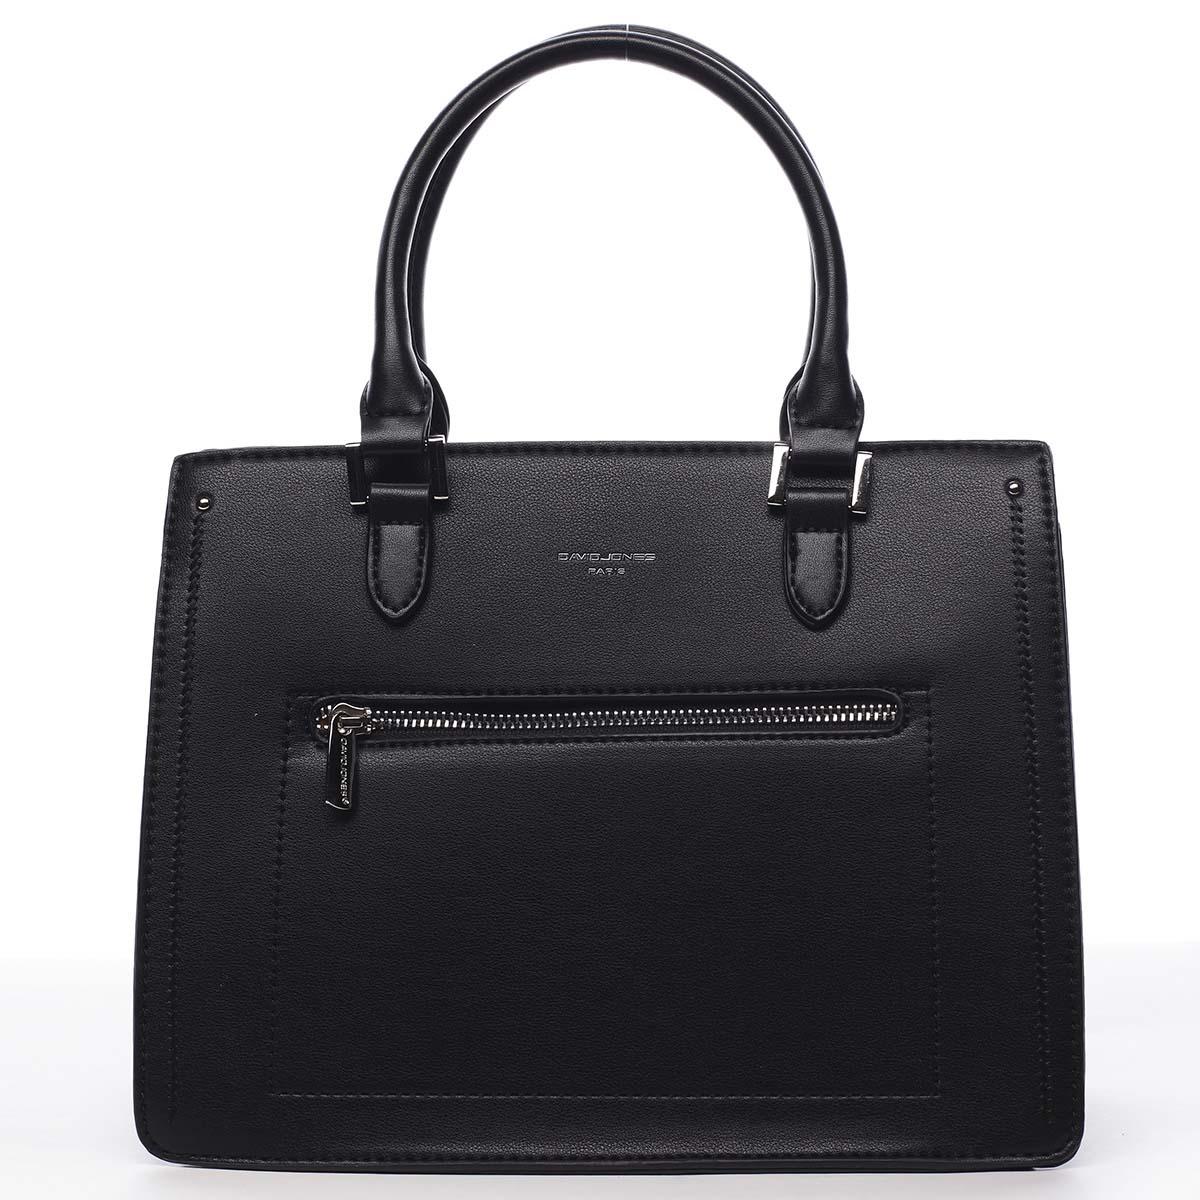 Dámská kabelka do ruky černá - David Jones Samentha